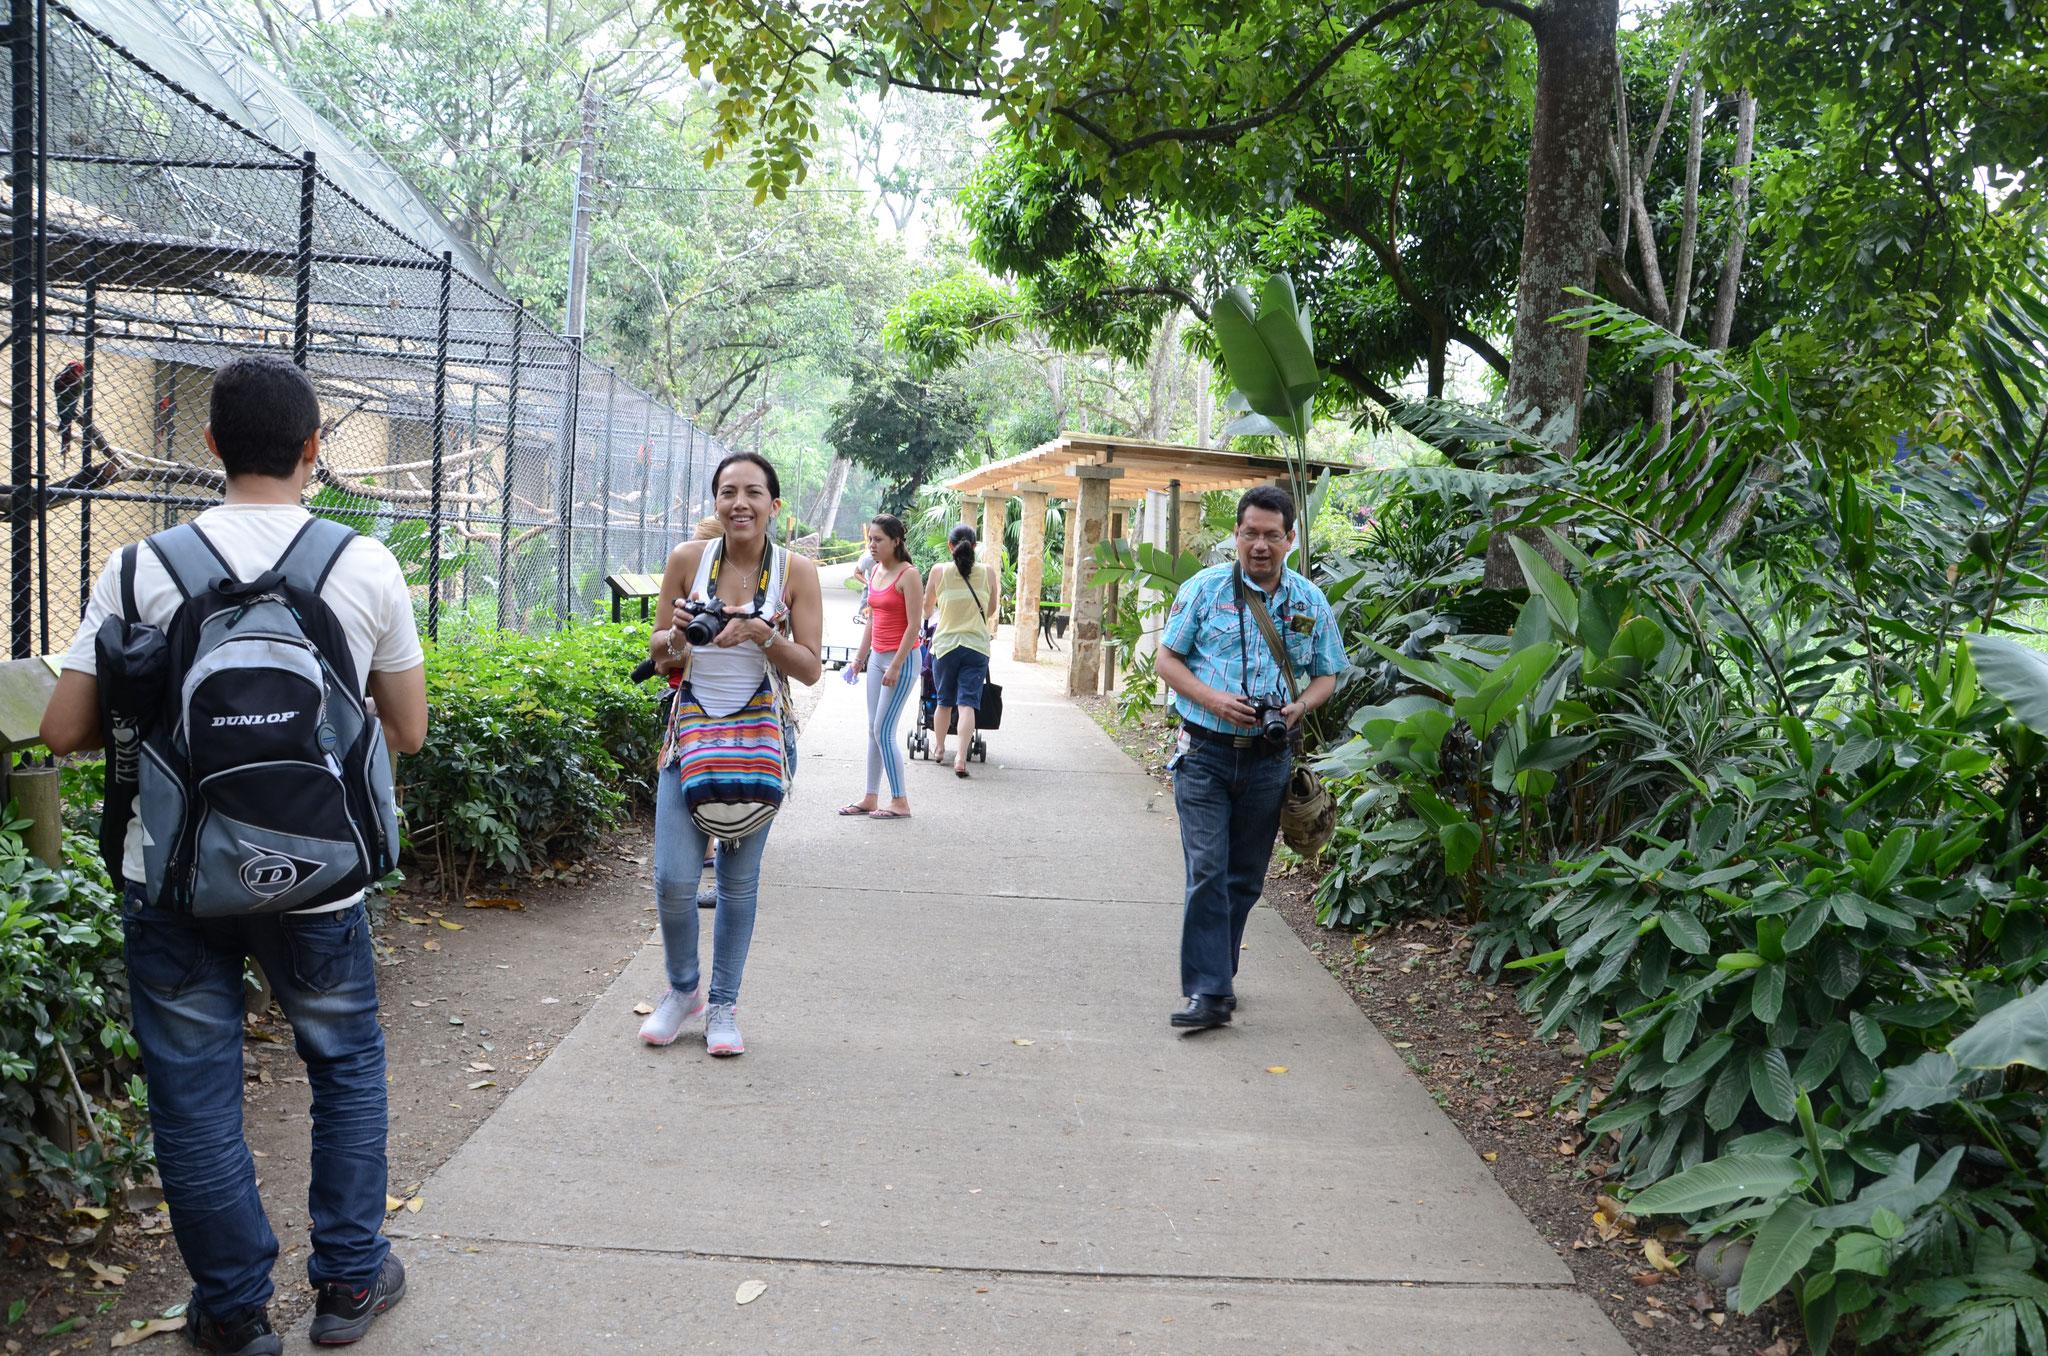 Visita al zoológico de Cali